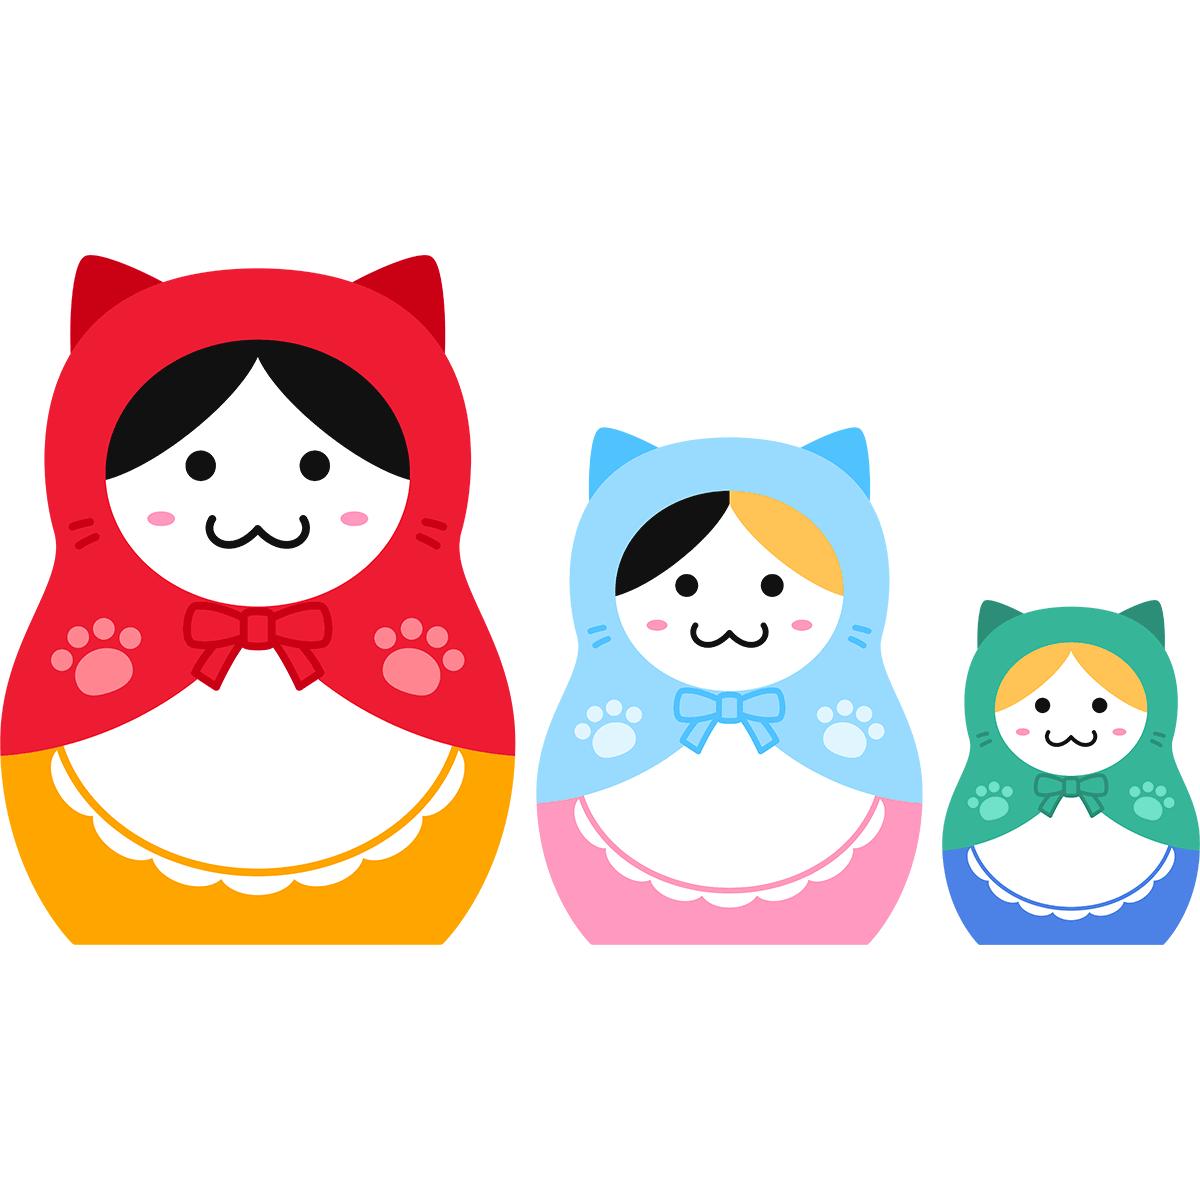 猫のマトリョーシカの無料イラスト